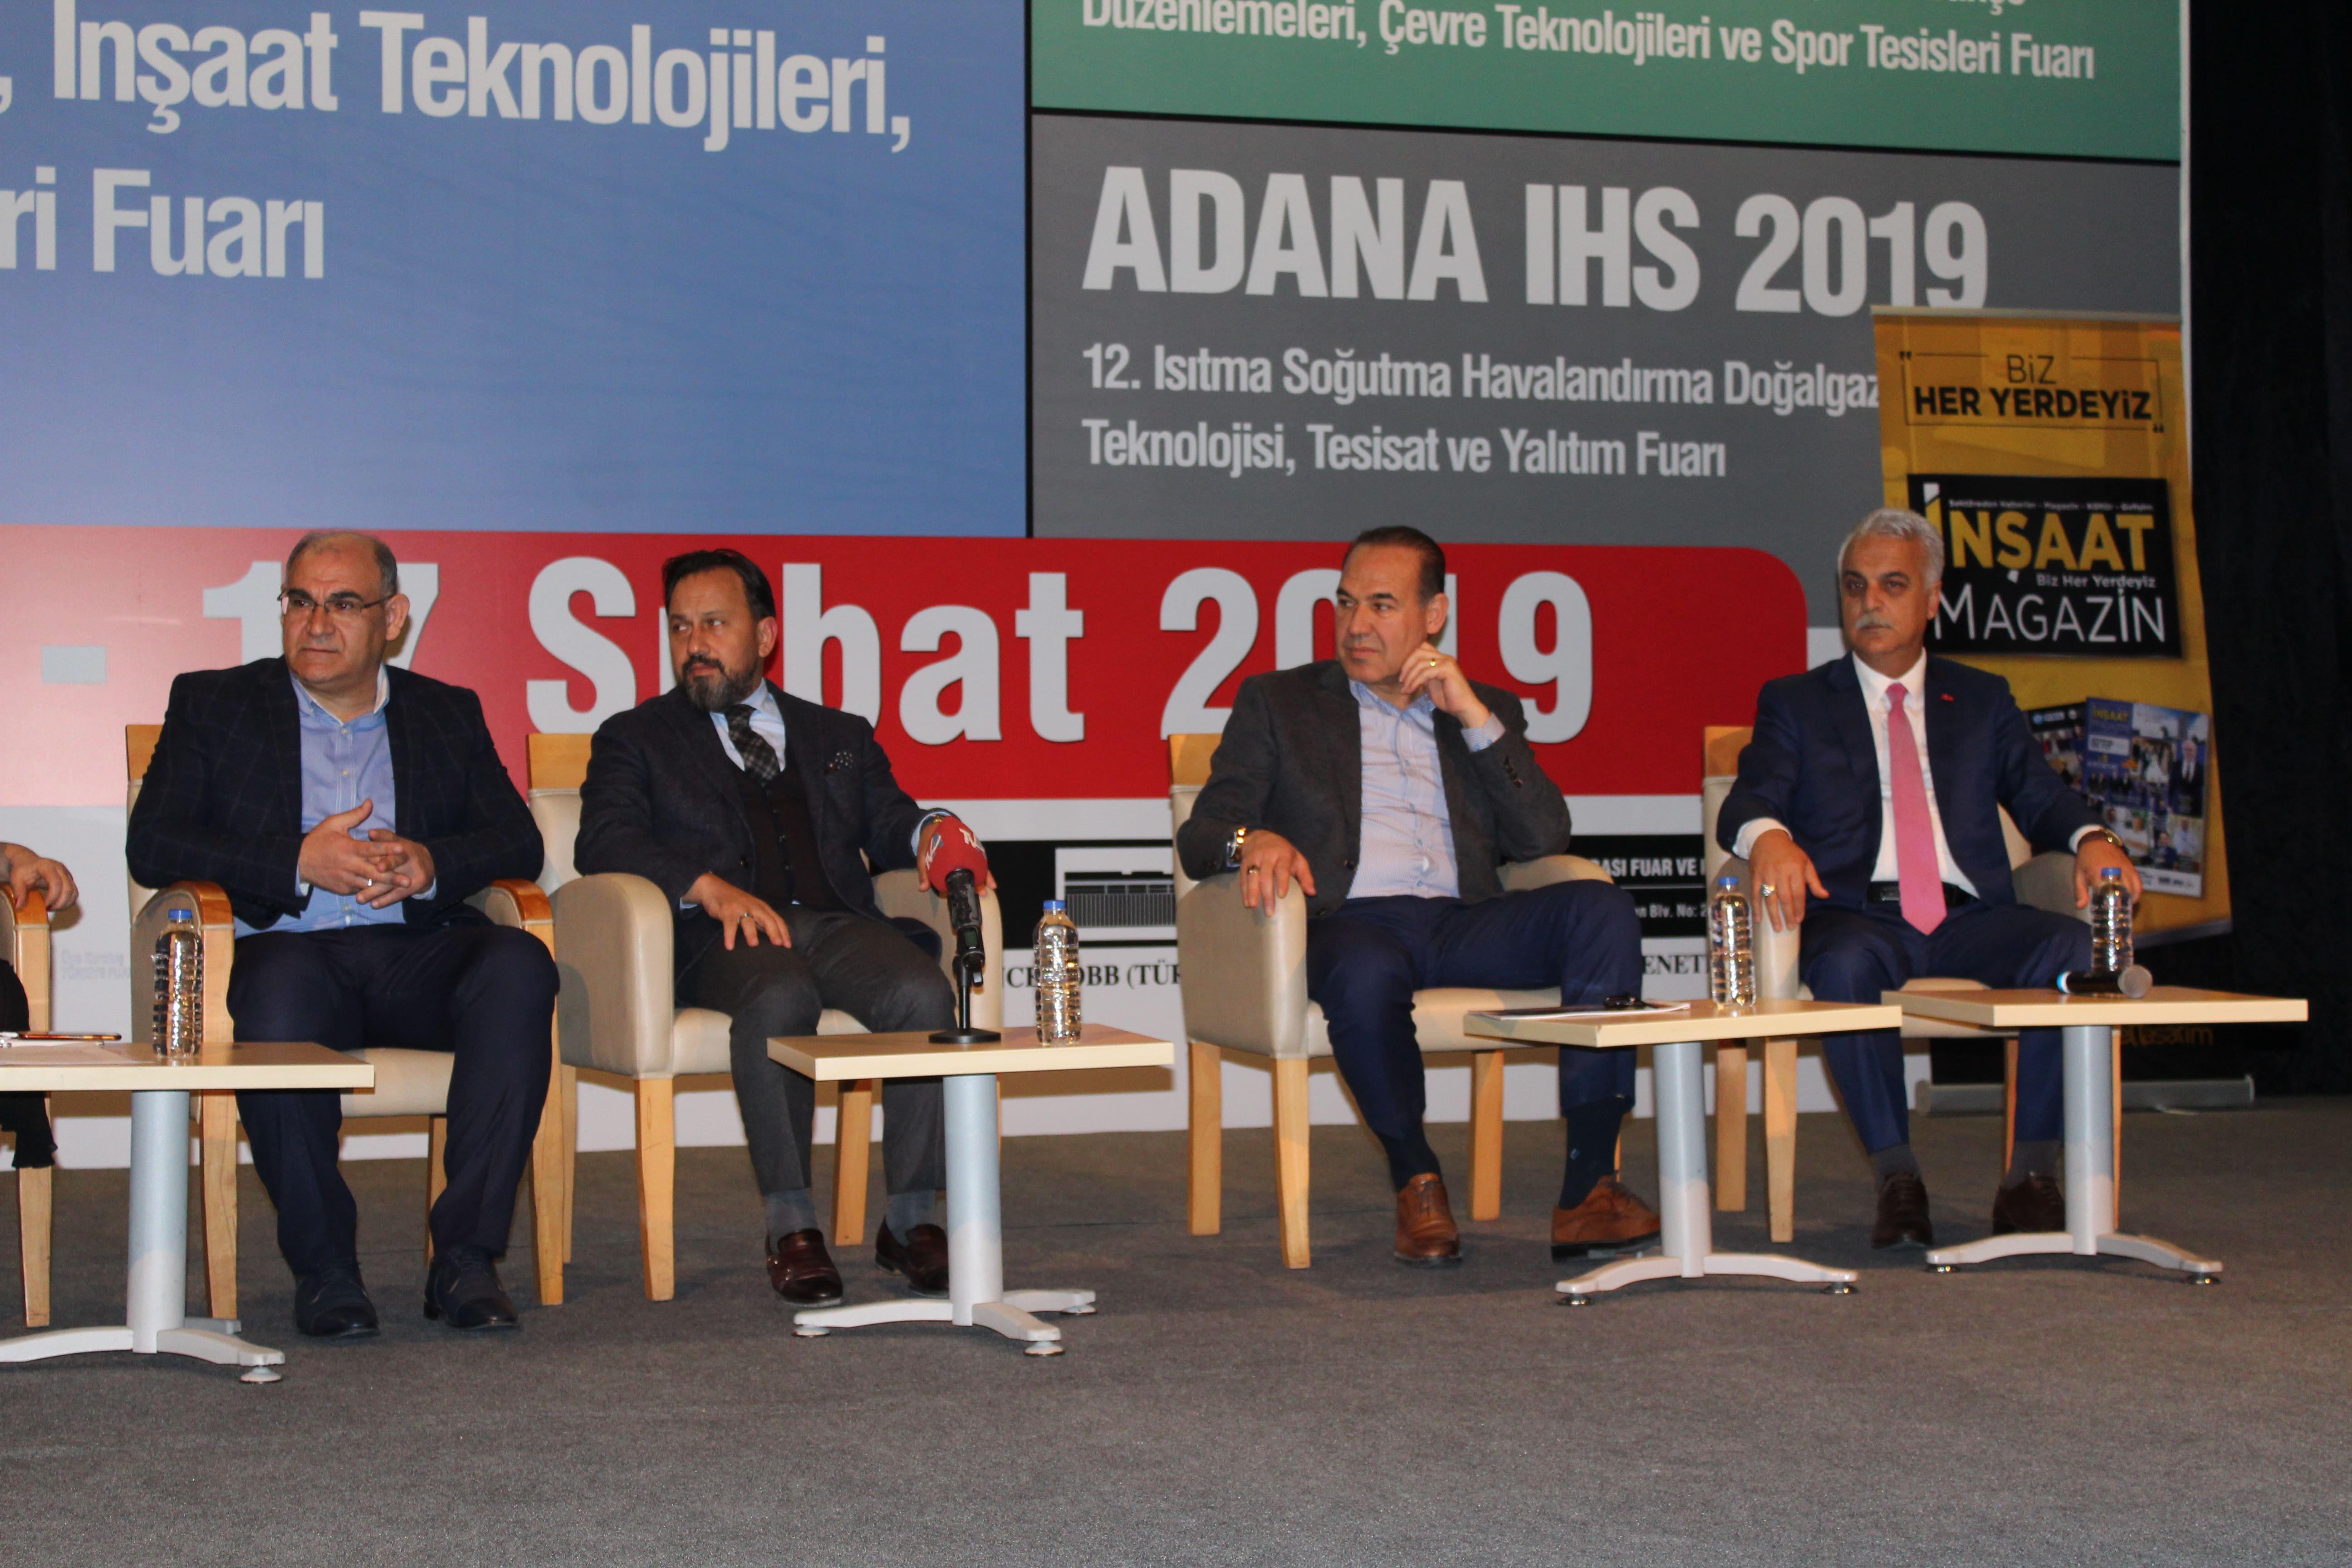 2. Marka Şehir Adana Paneli'ne Cumhur İttifakı Adana Adayları Katıldı